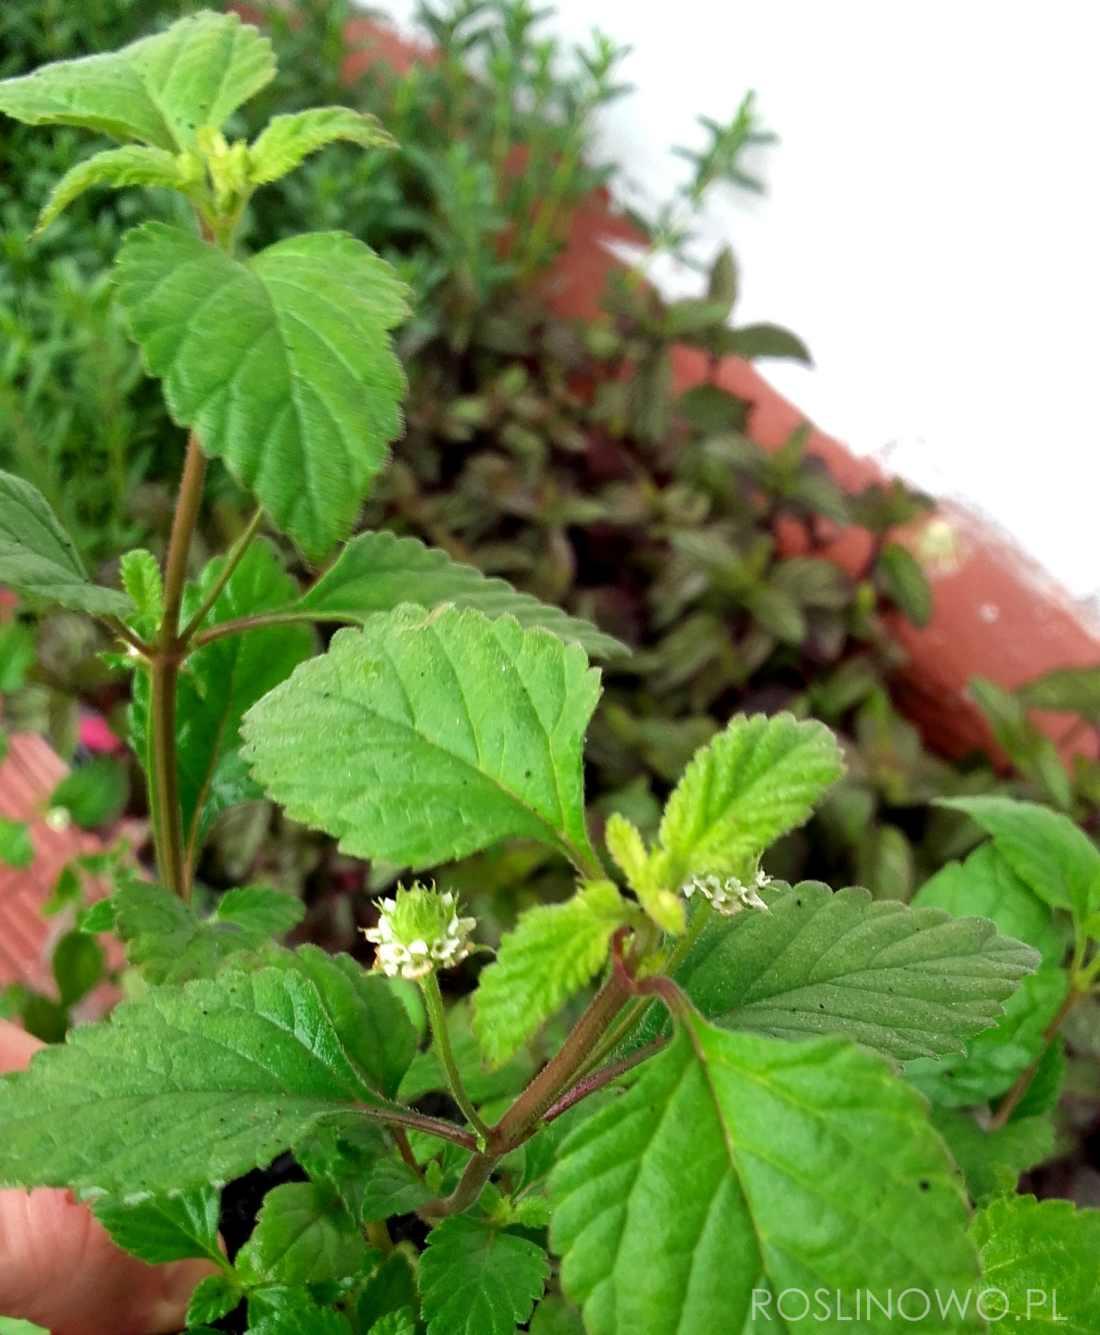 azteckie ziele - słodka roślina zielna do uprawy domowej